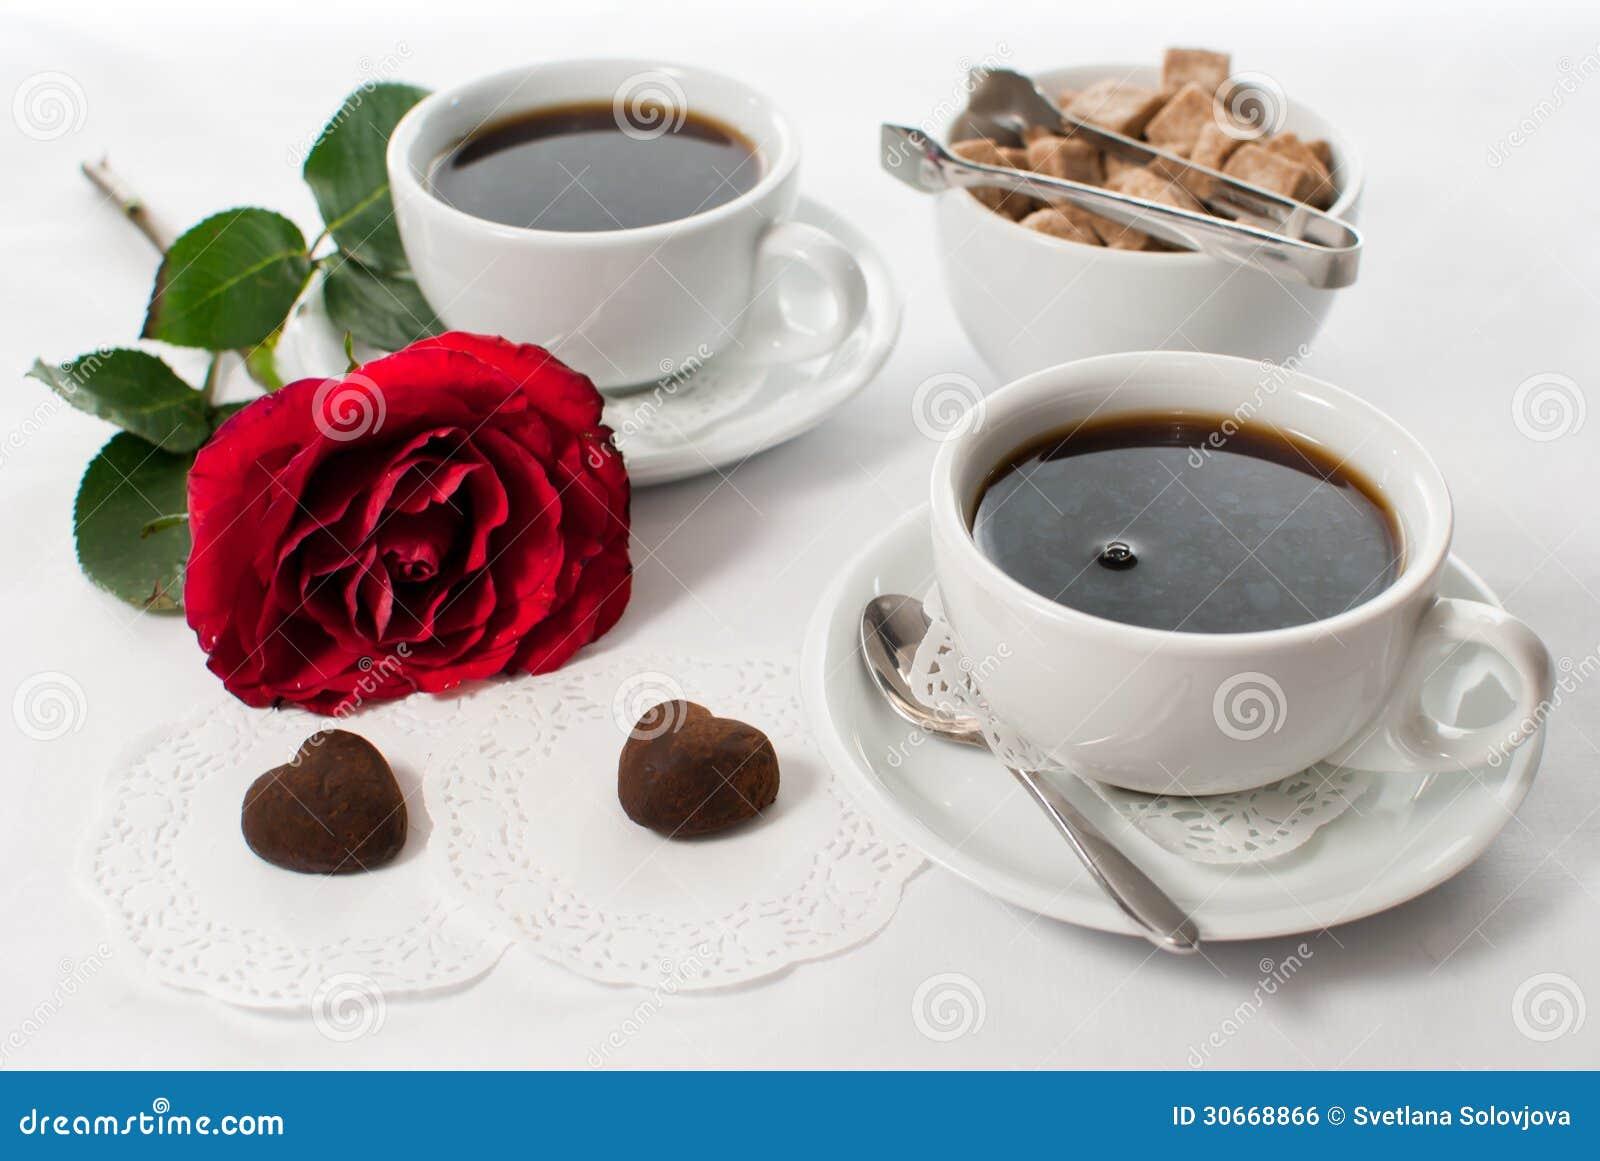 Petit d jeuner romantique image libre de droits image for Petit dejeuner en amoureux maison